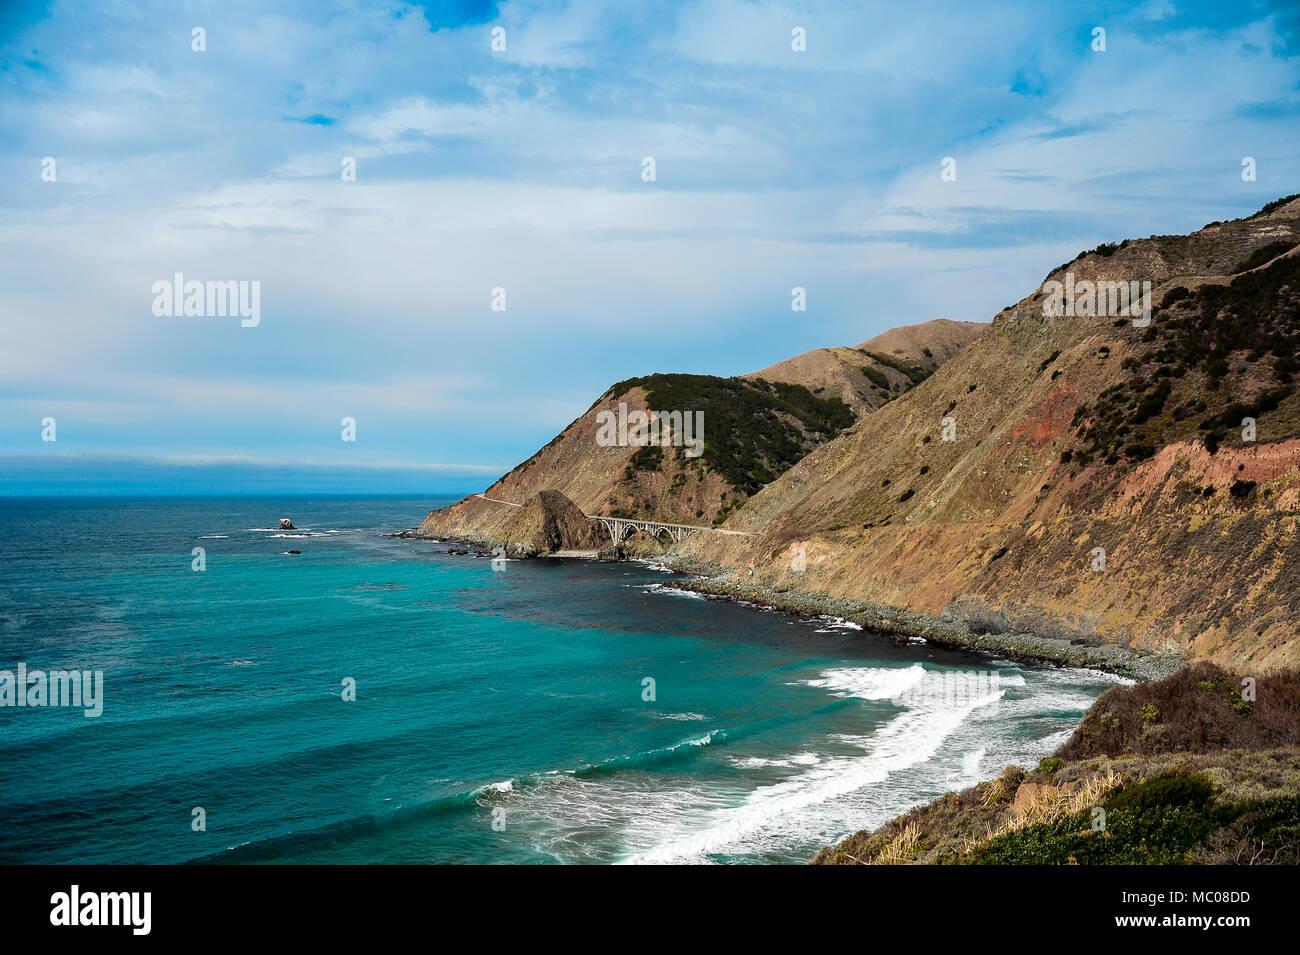 Points de vue le long de la côte du Pacifique à l'autoroute Cabrillo pont du ruisseau Big Cove, en Californie. Beau paysage, ciel nuageux, des falaises rocheuses et de l'aigue-marine mer. Photo Stock